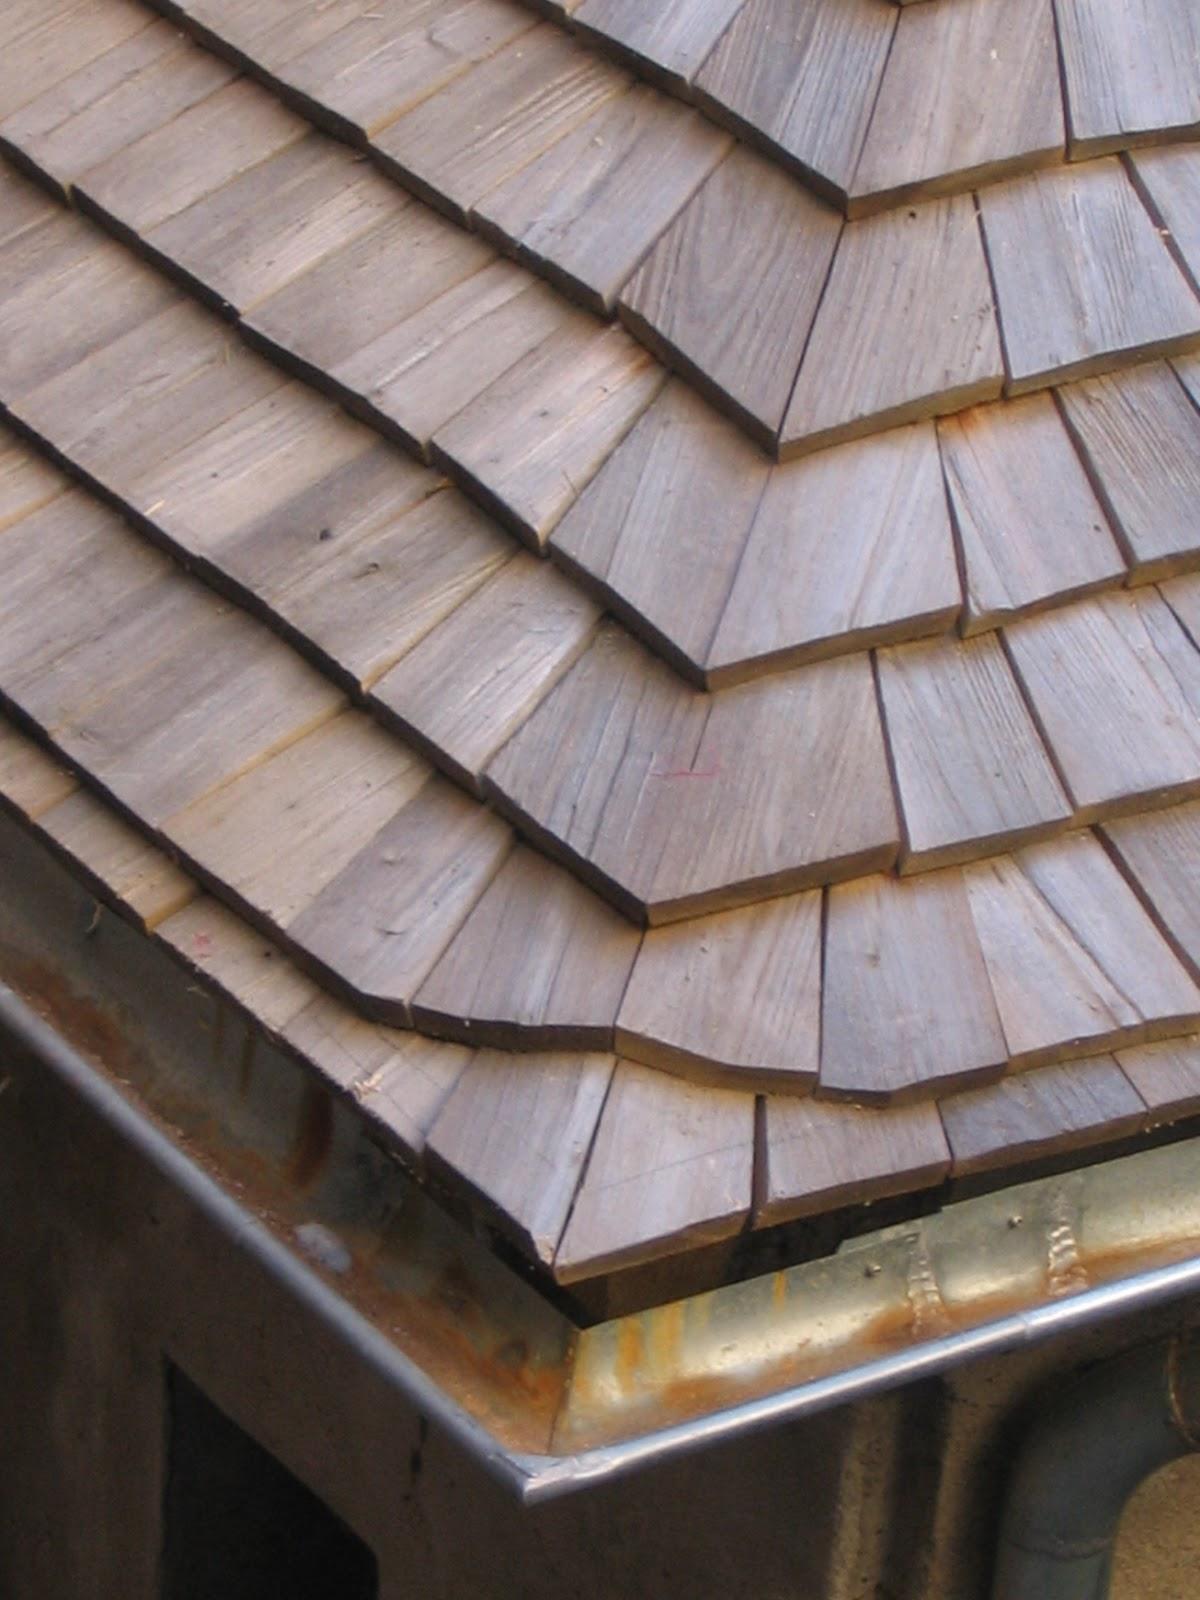 le toit de bois description du bardeau en ch taignier